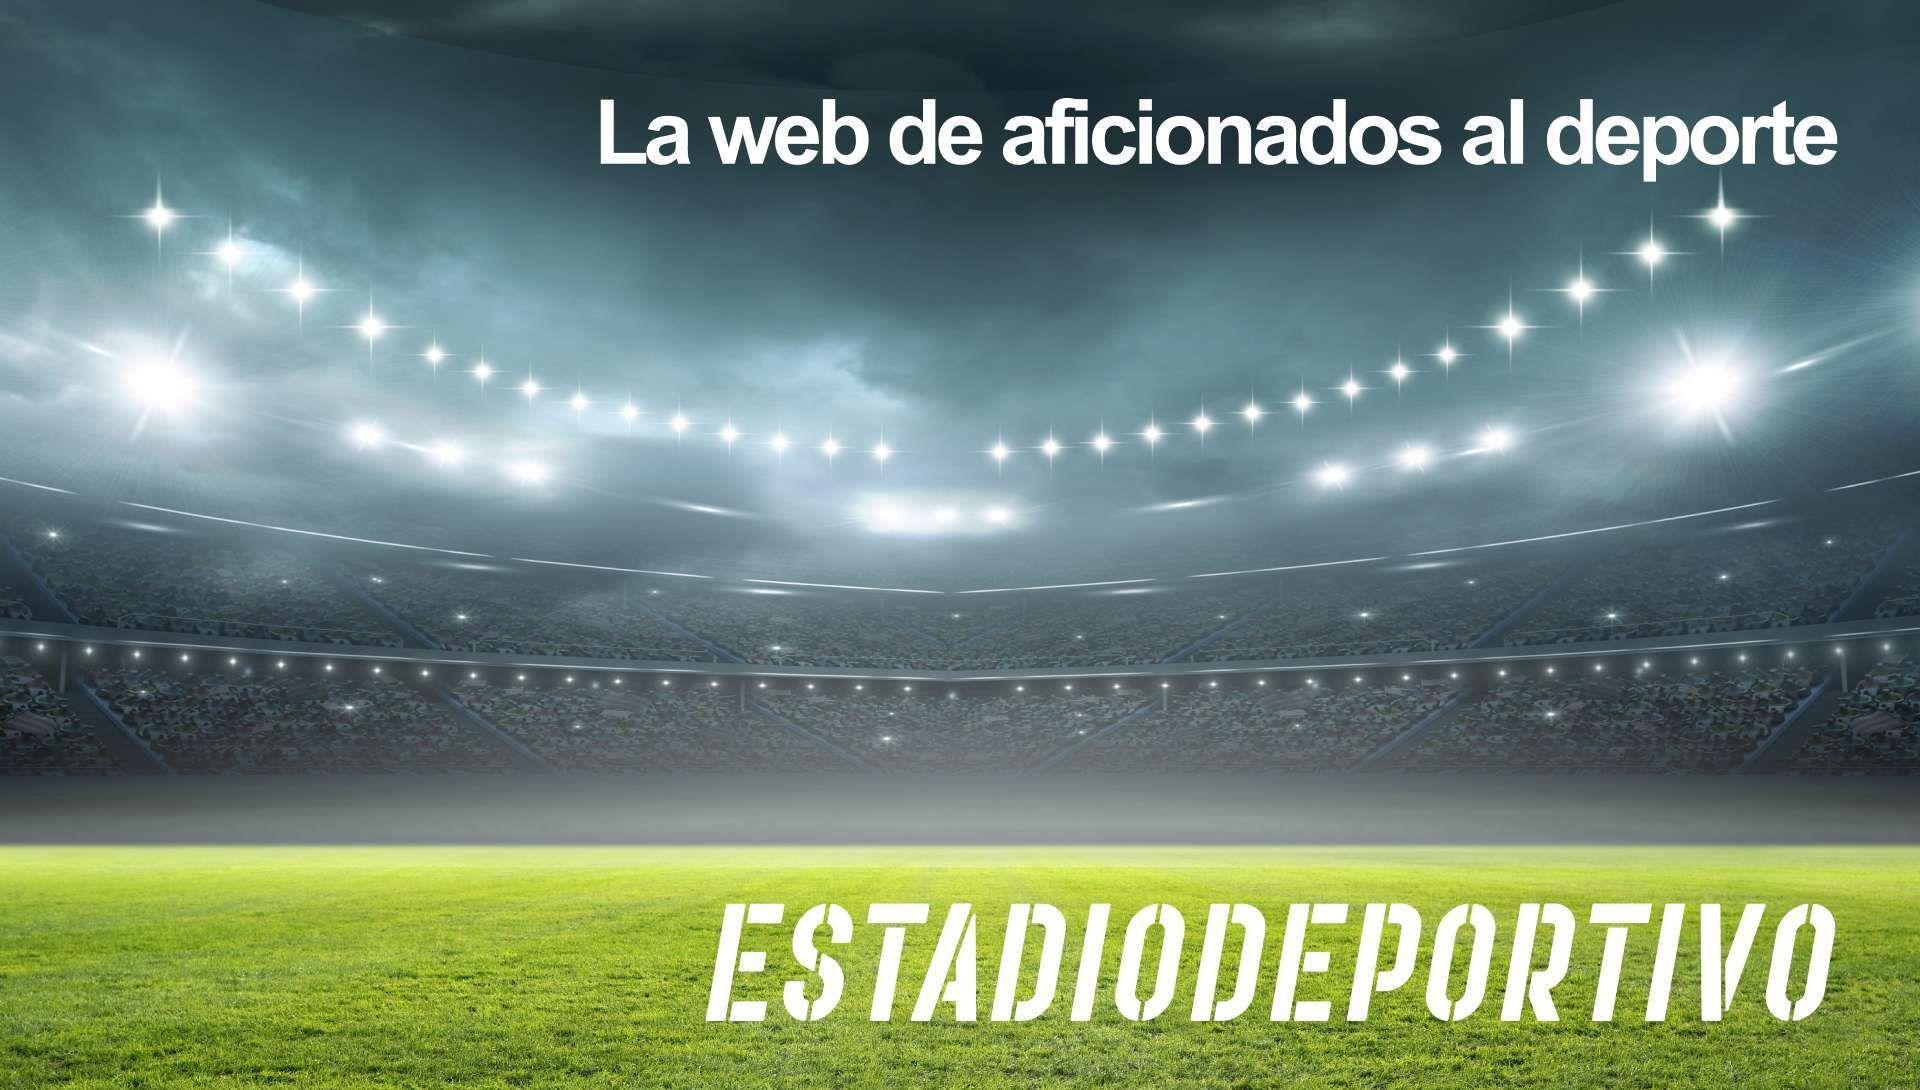 Las imágenes del nuevo título liguero del FC Barcelona